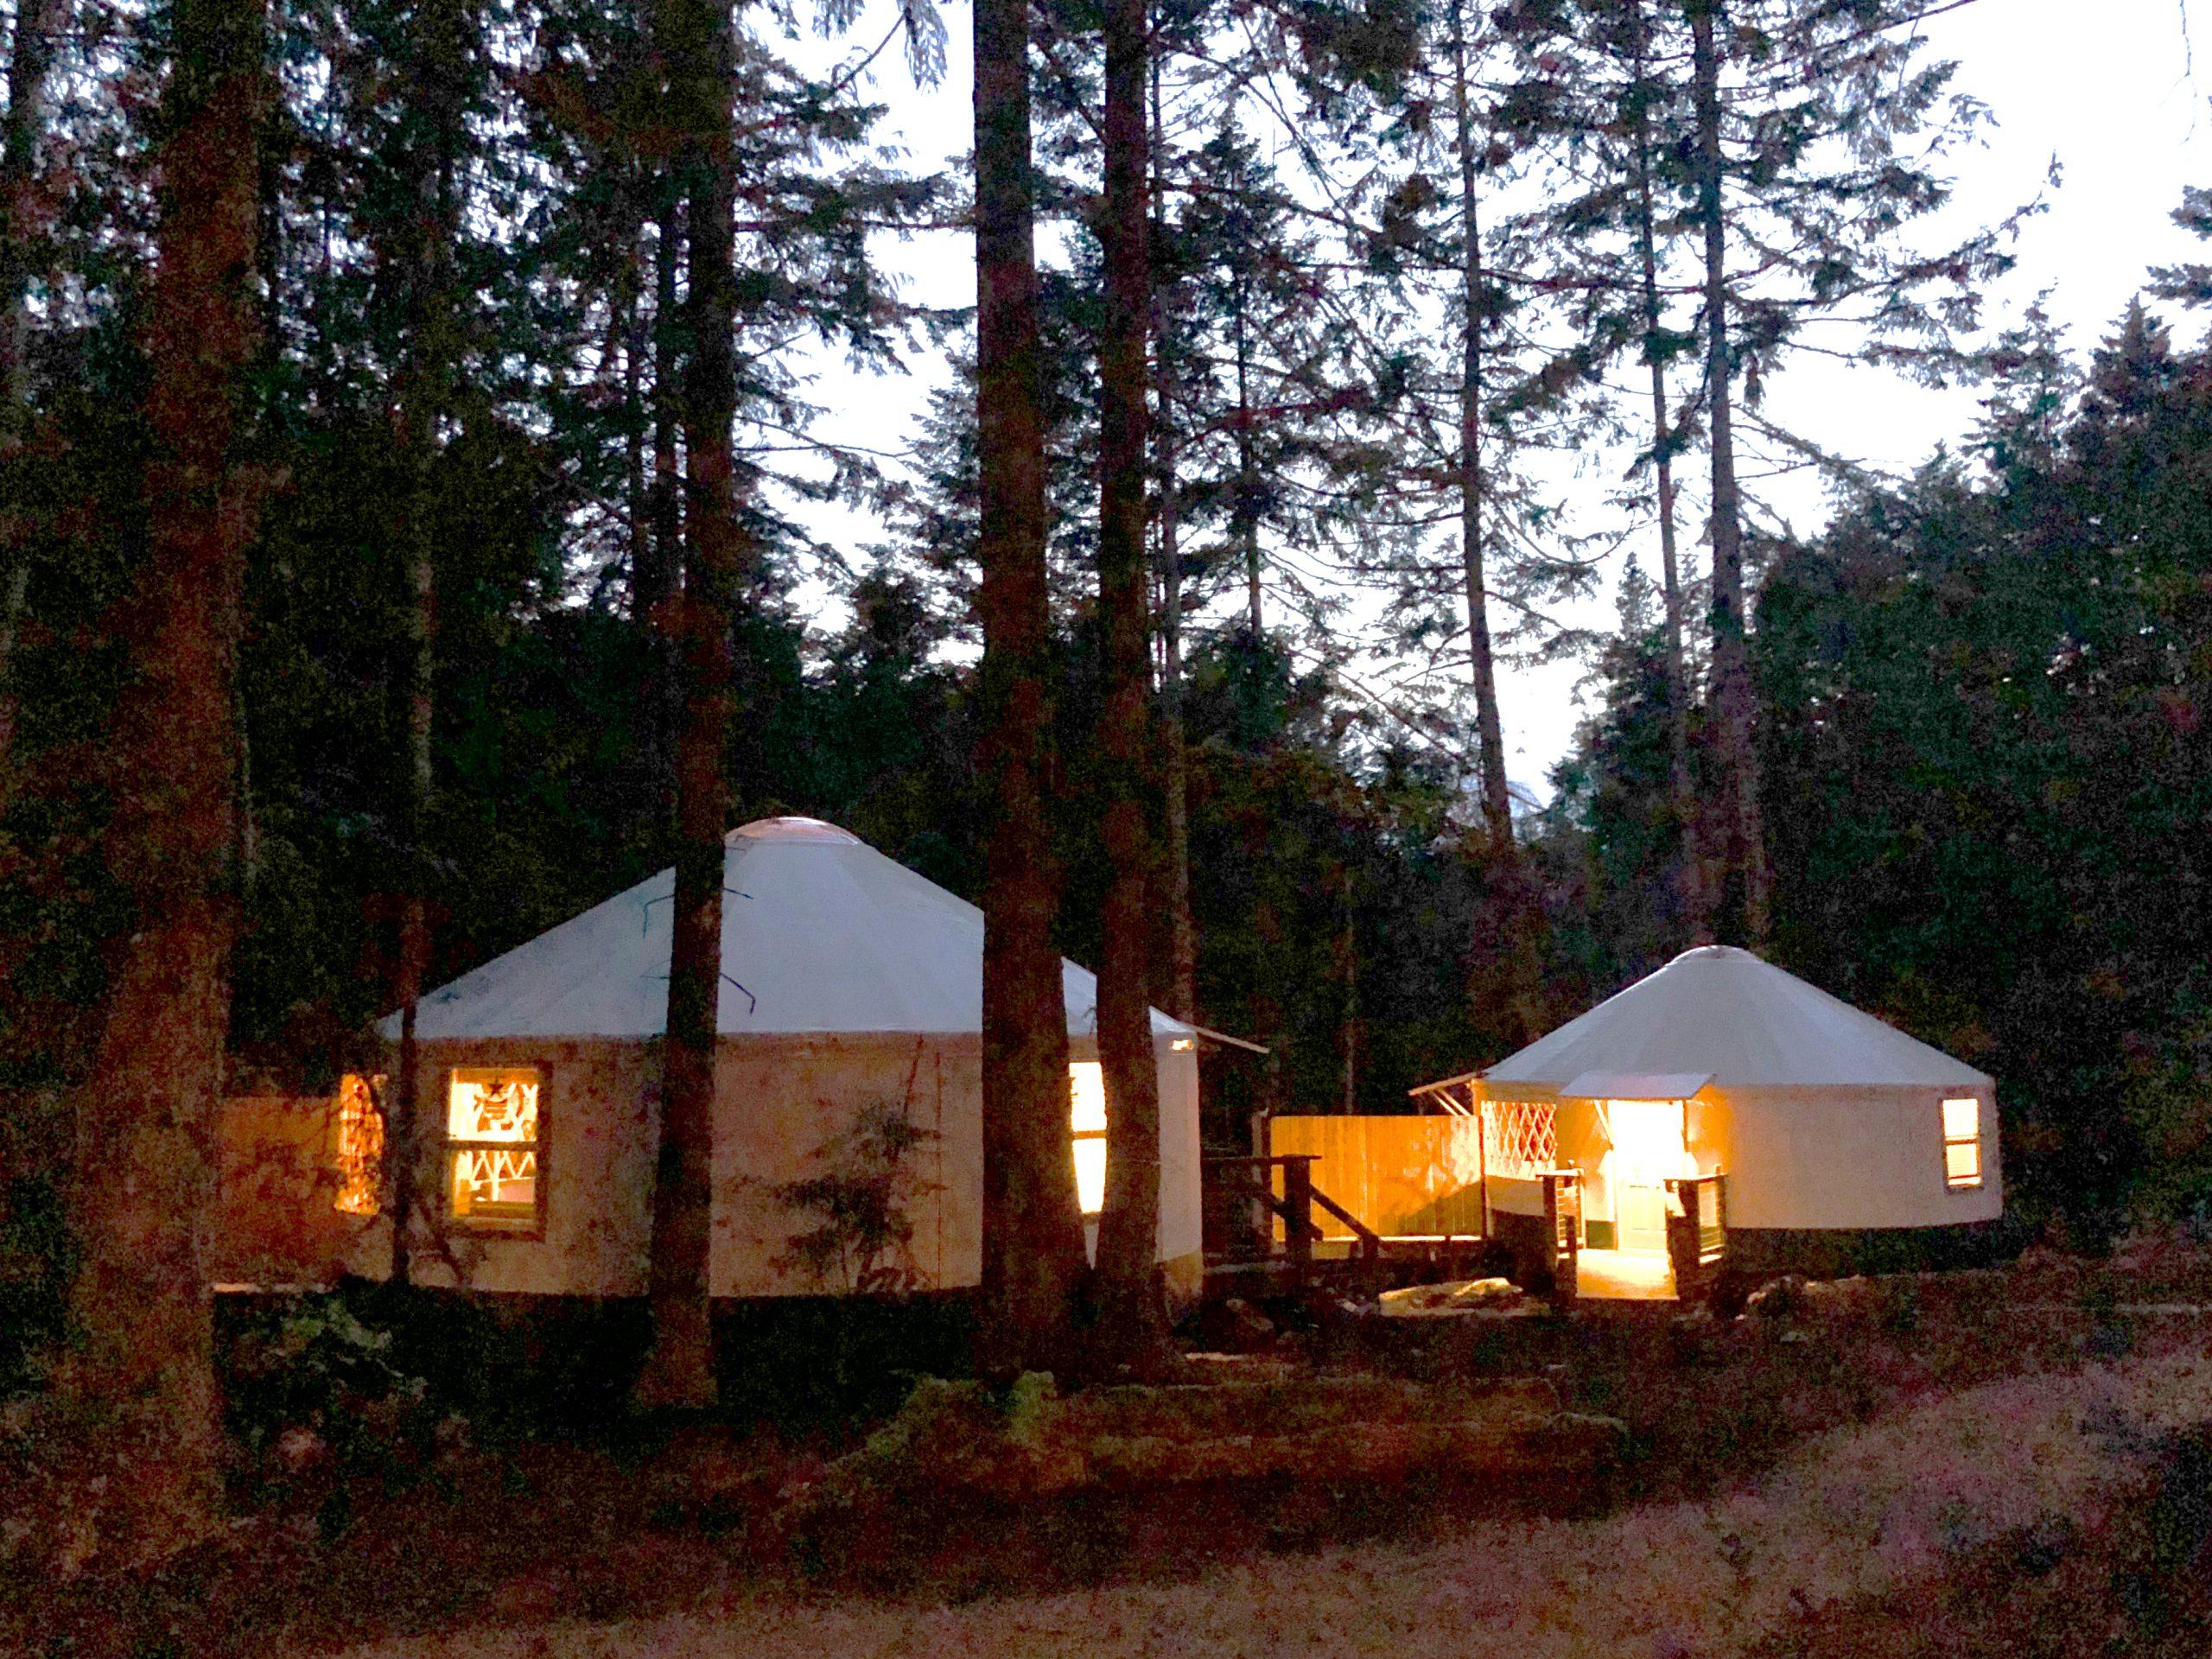 yurts at night at Lakedale